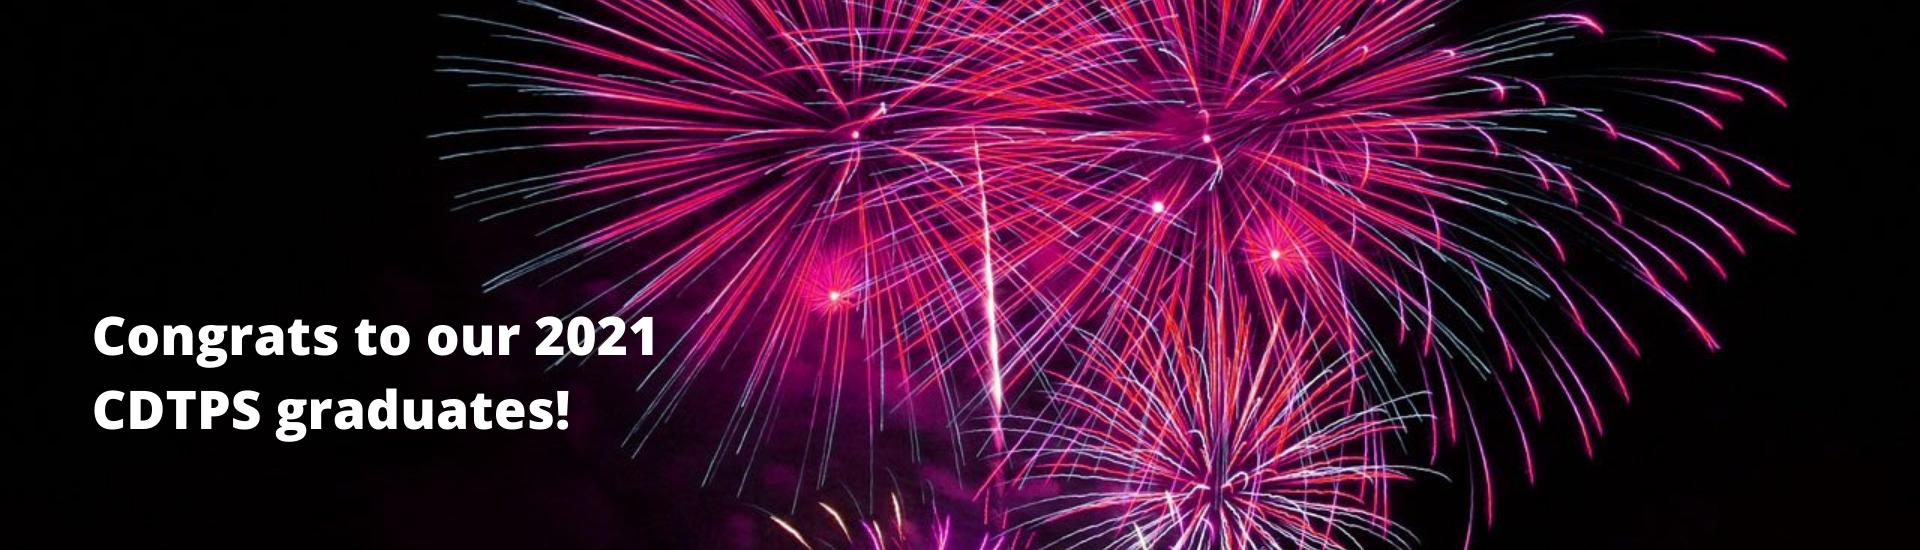 Pink fireworks on black background